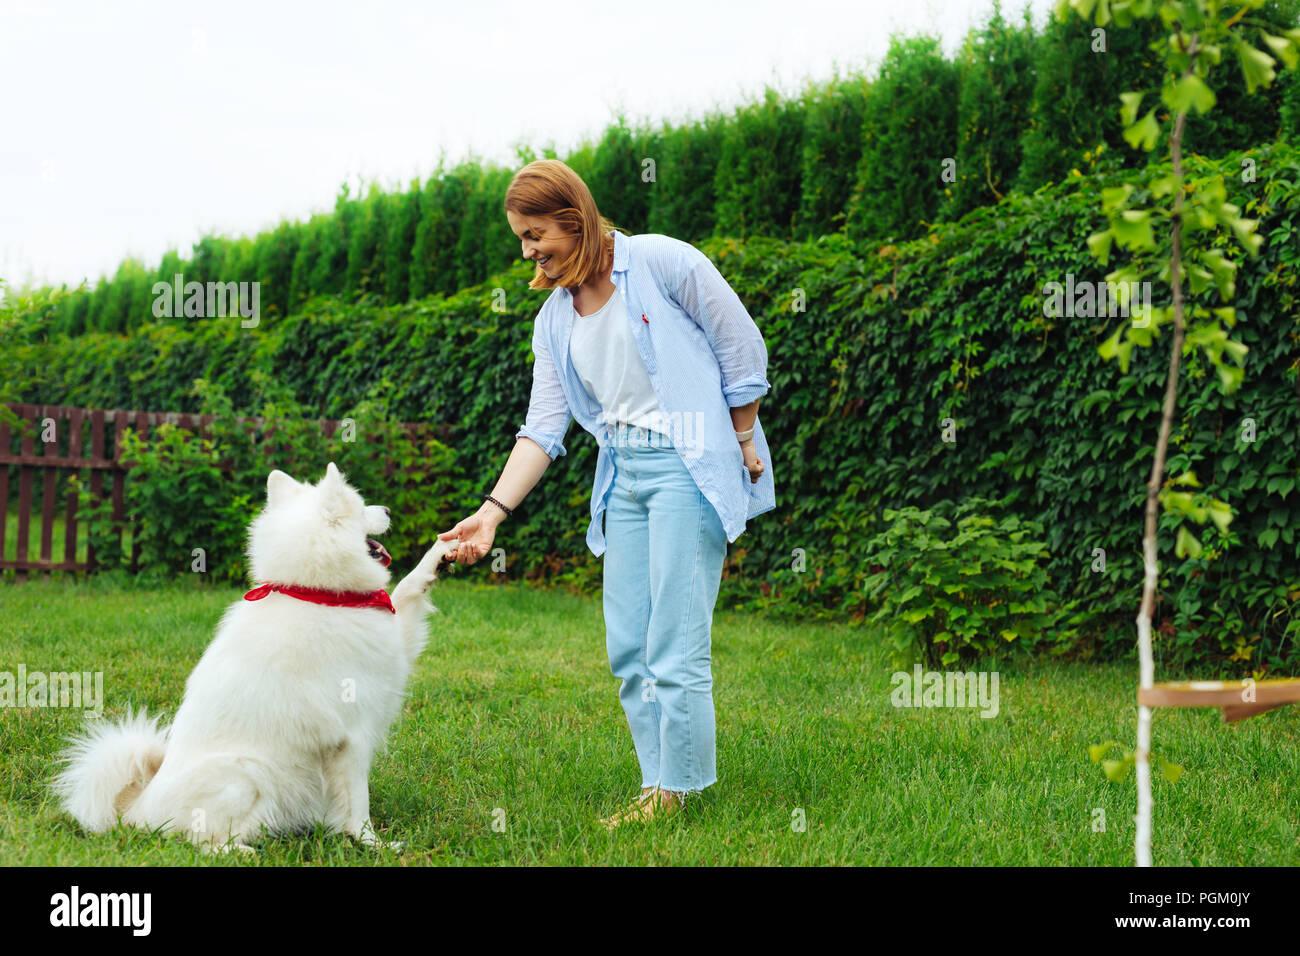 Stilvolle blonde Frau mit Hund im Garten Stockbild